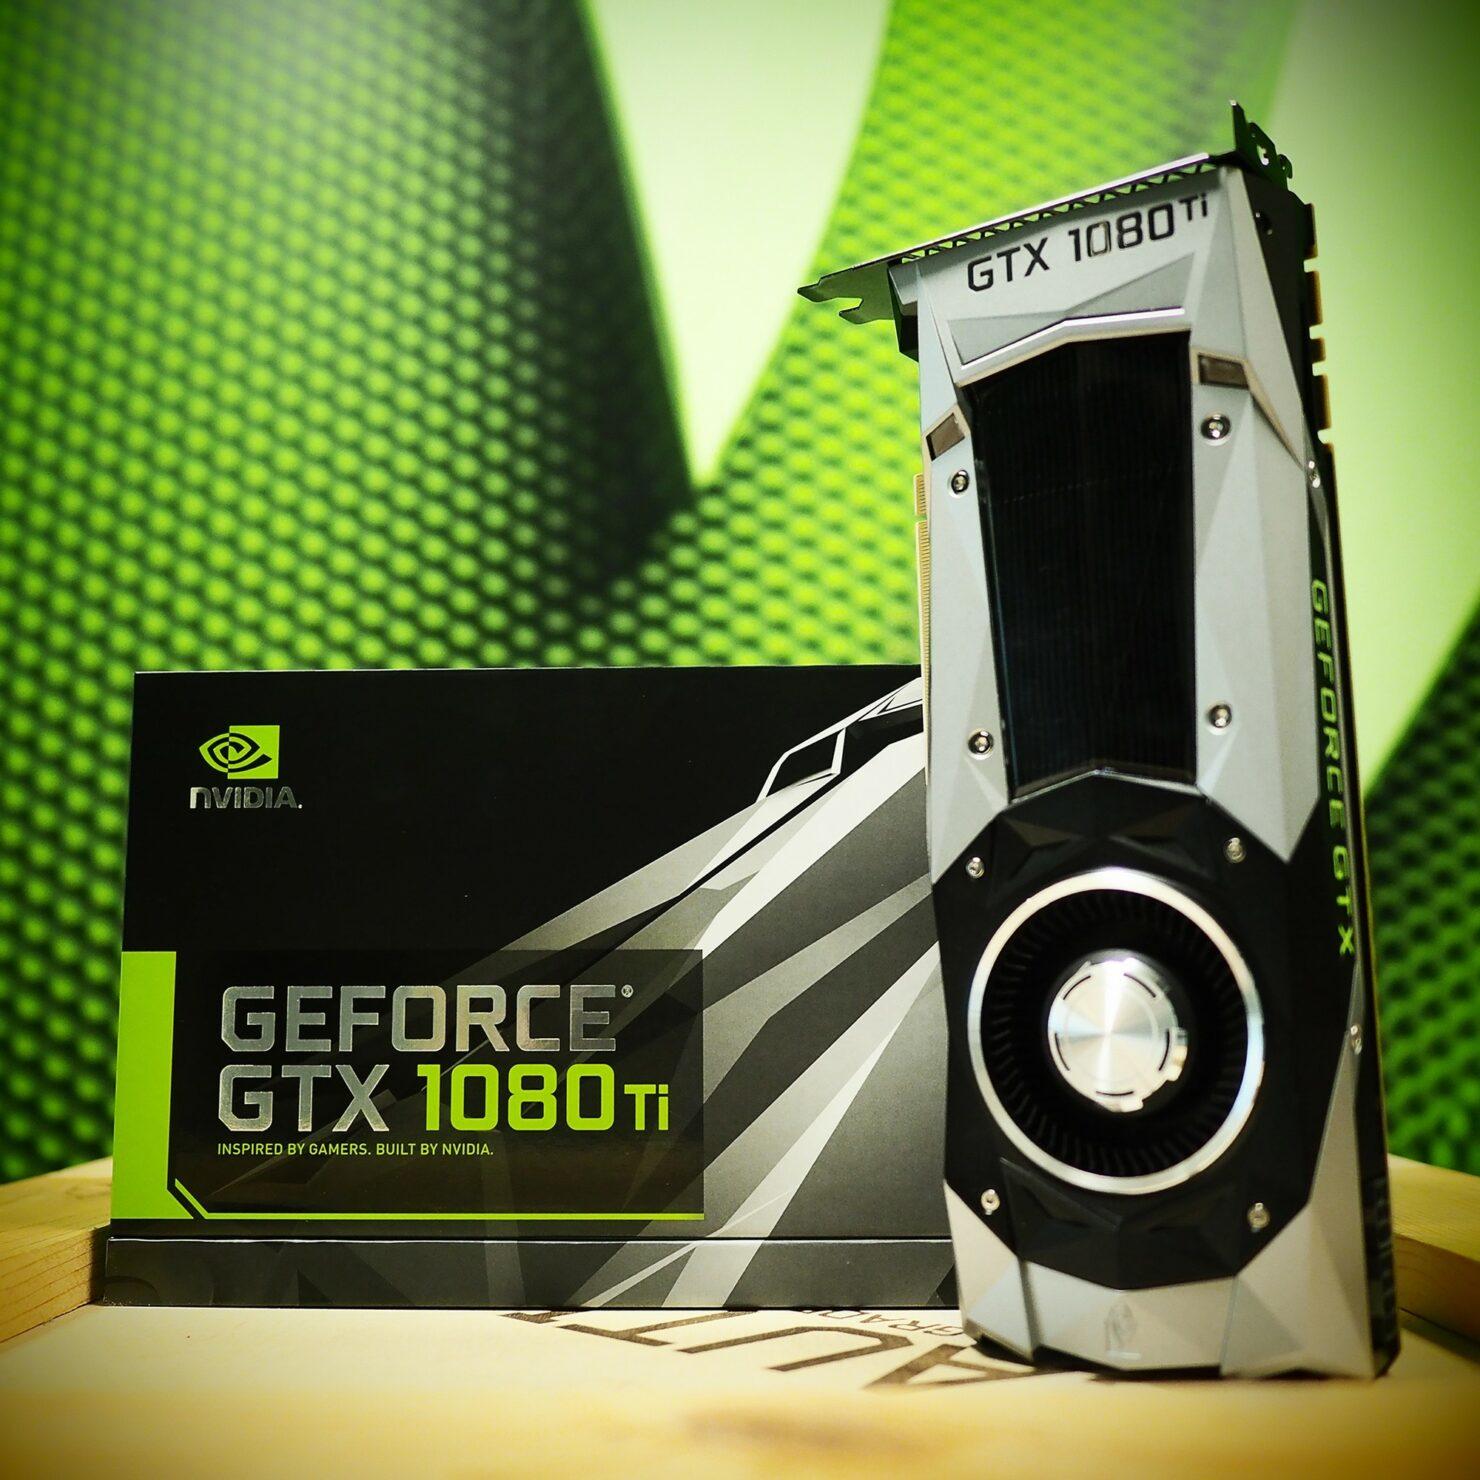 nvidia-geforce-gtx-1080-ti-gpu-ultimate_6